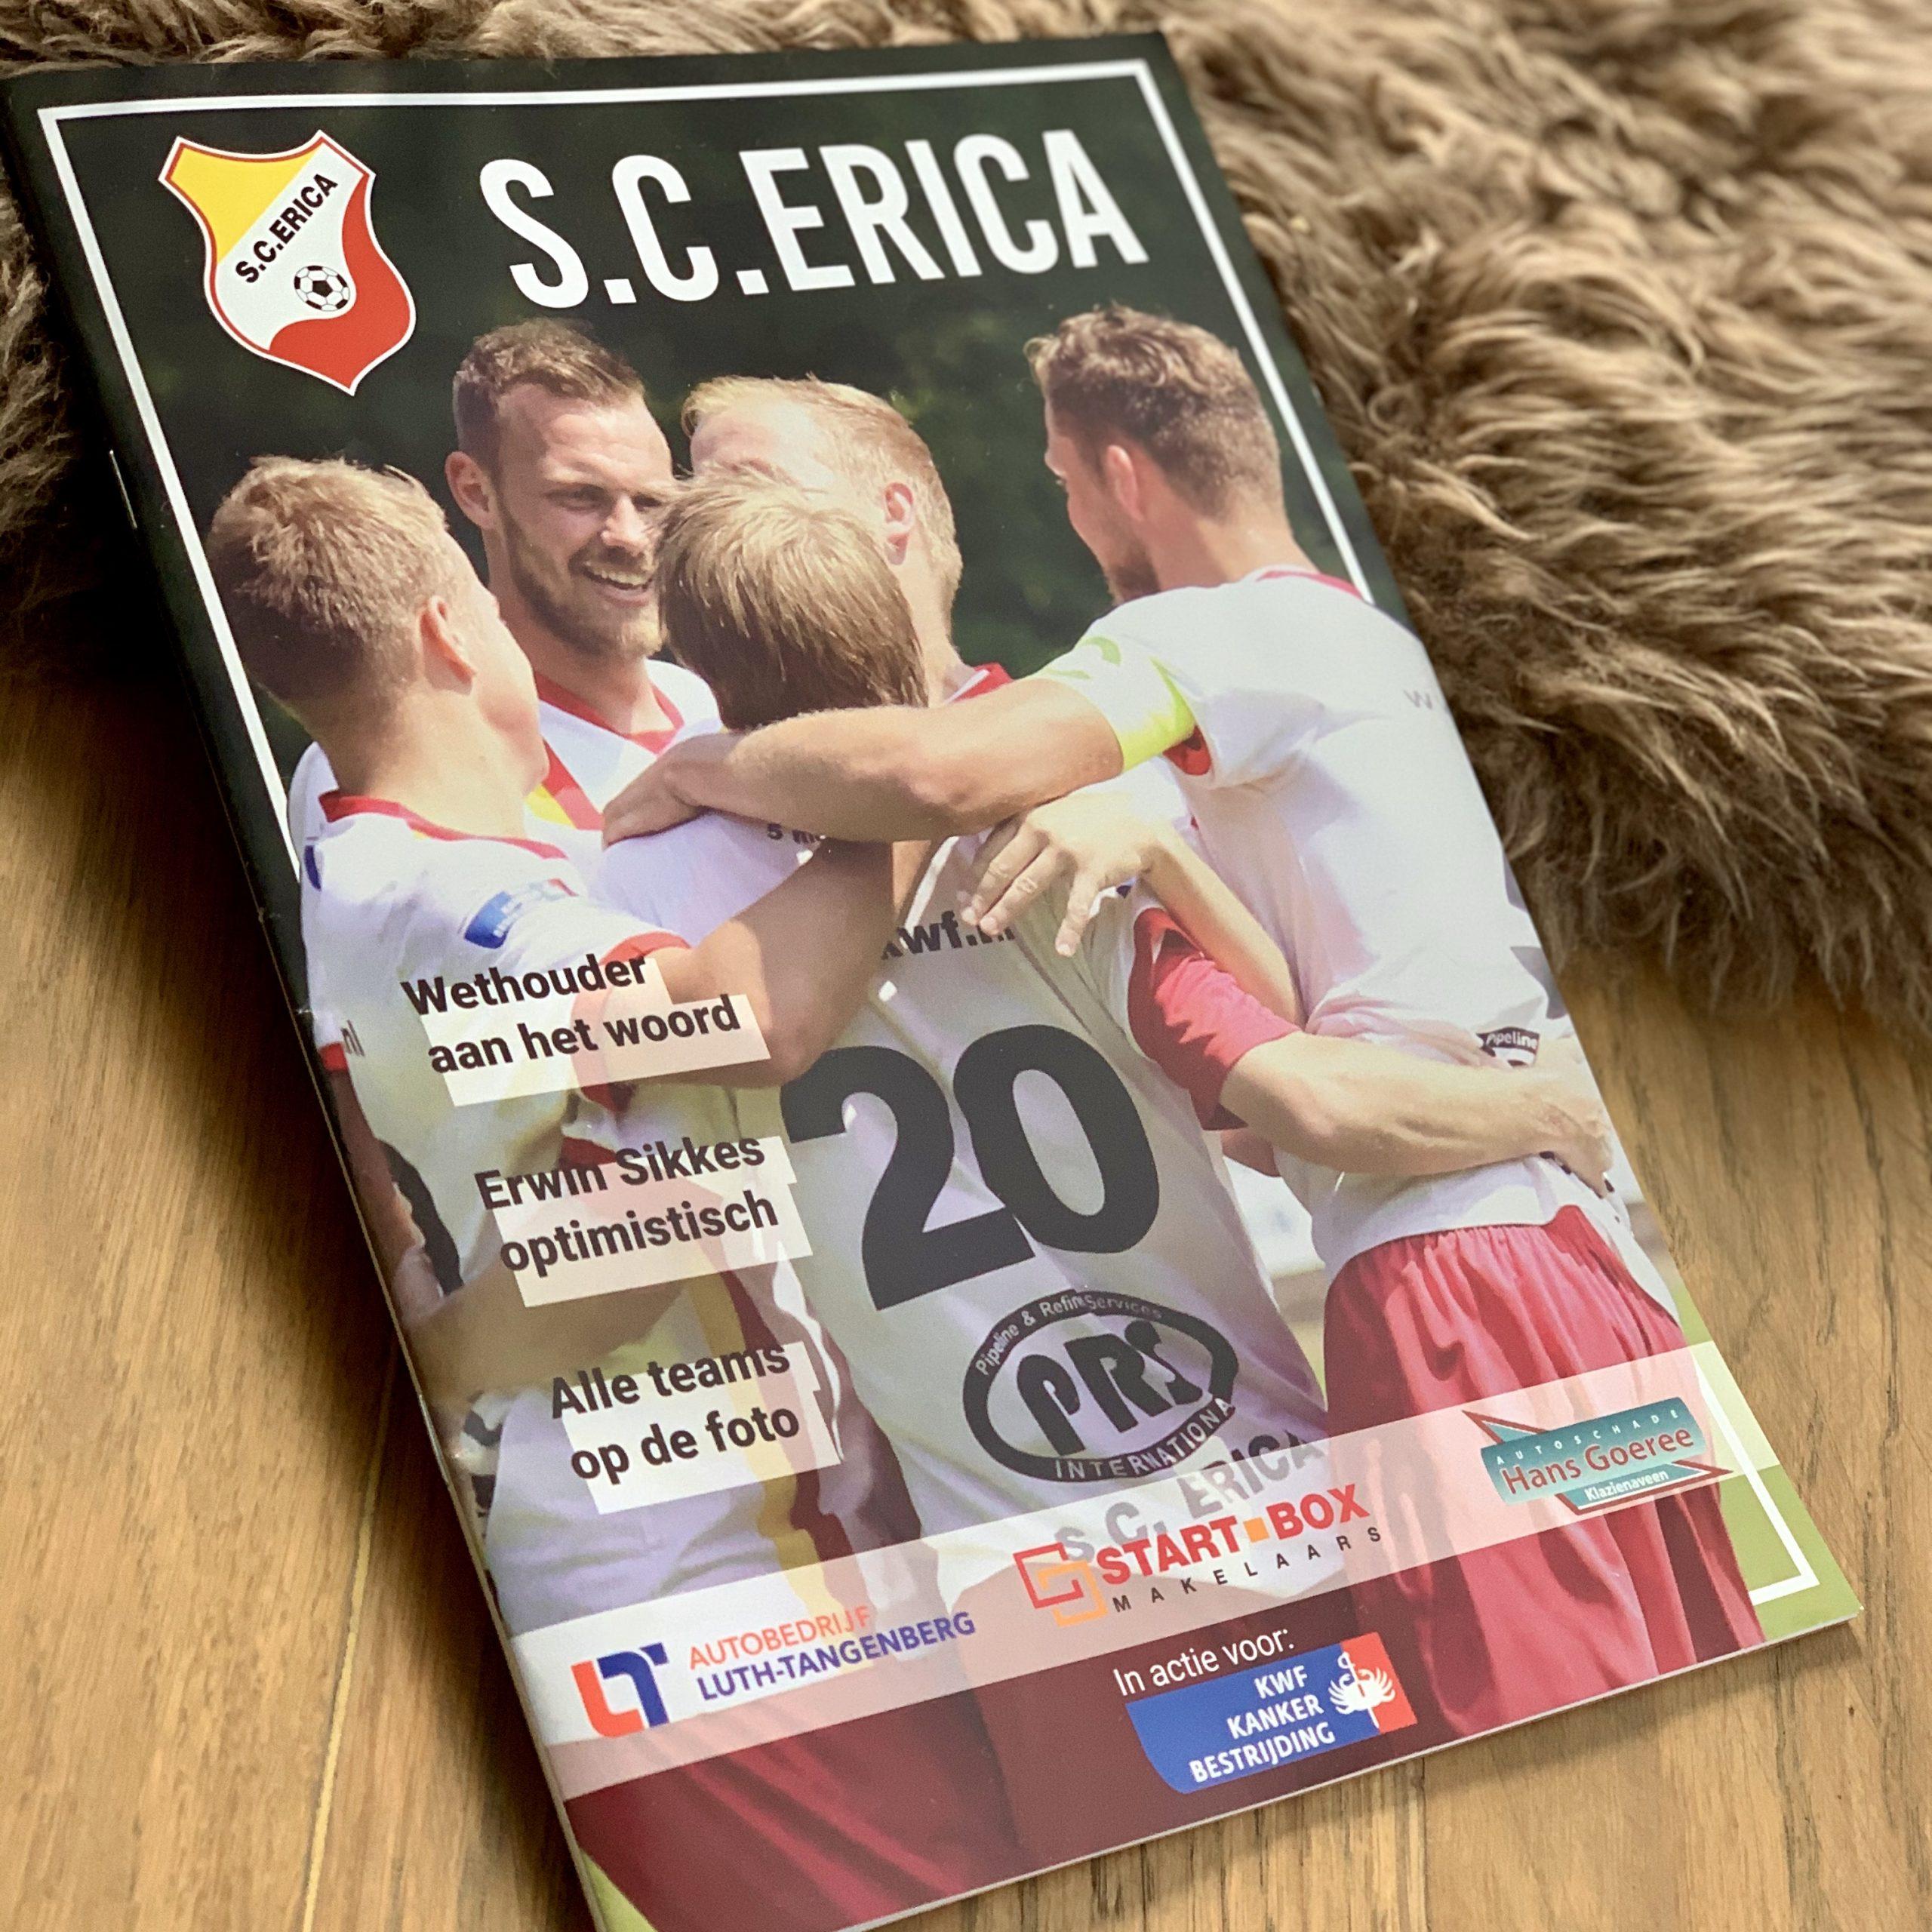 S.C. Erica presentatiegids